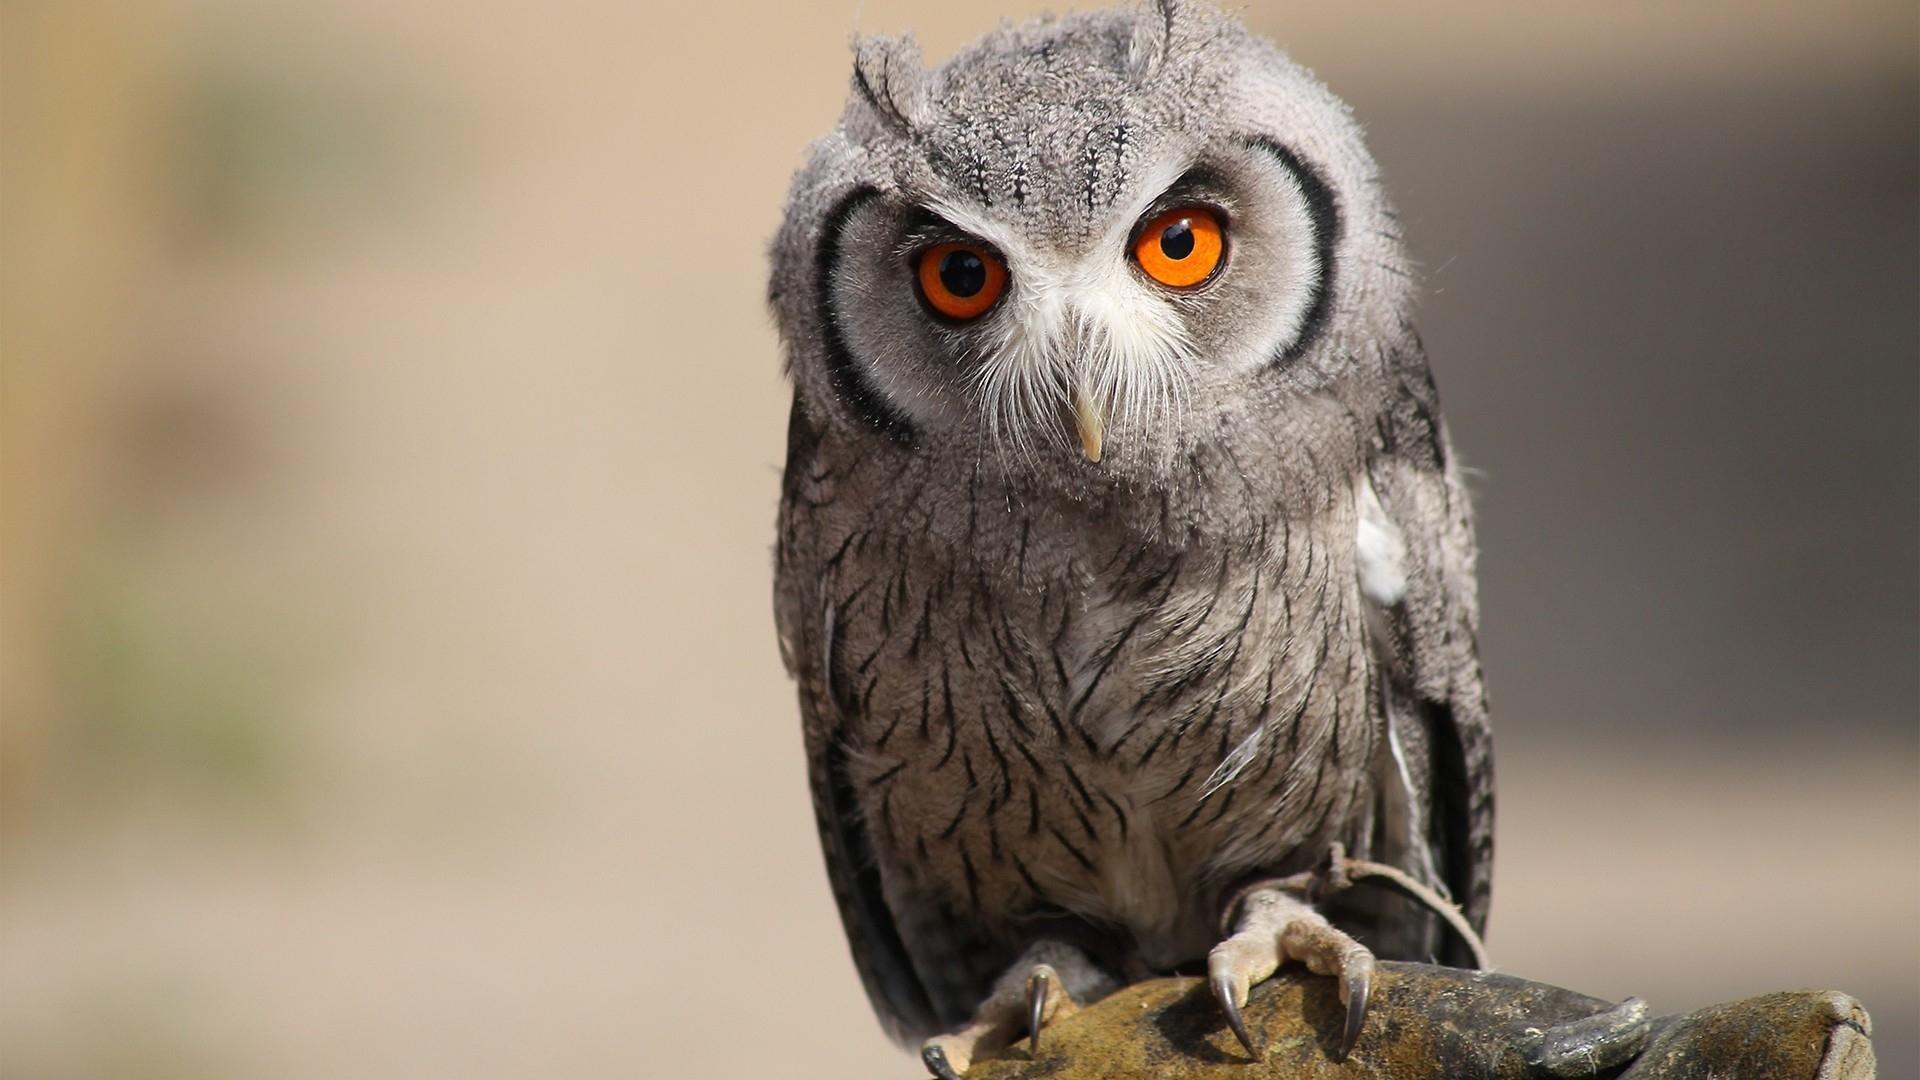 Owl Hd Desktop